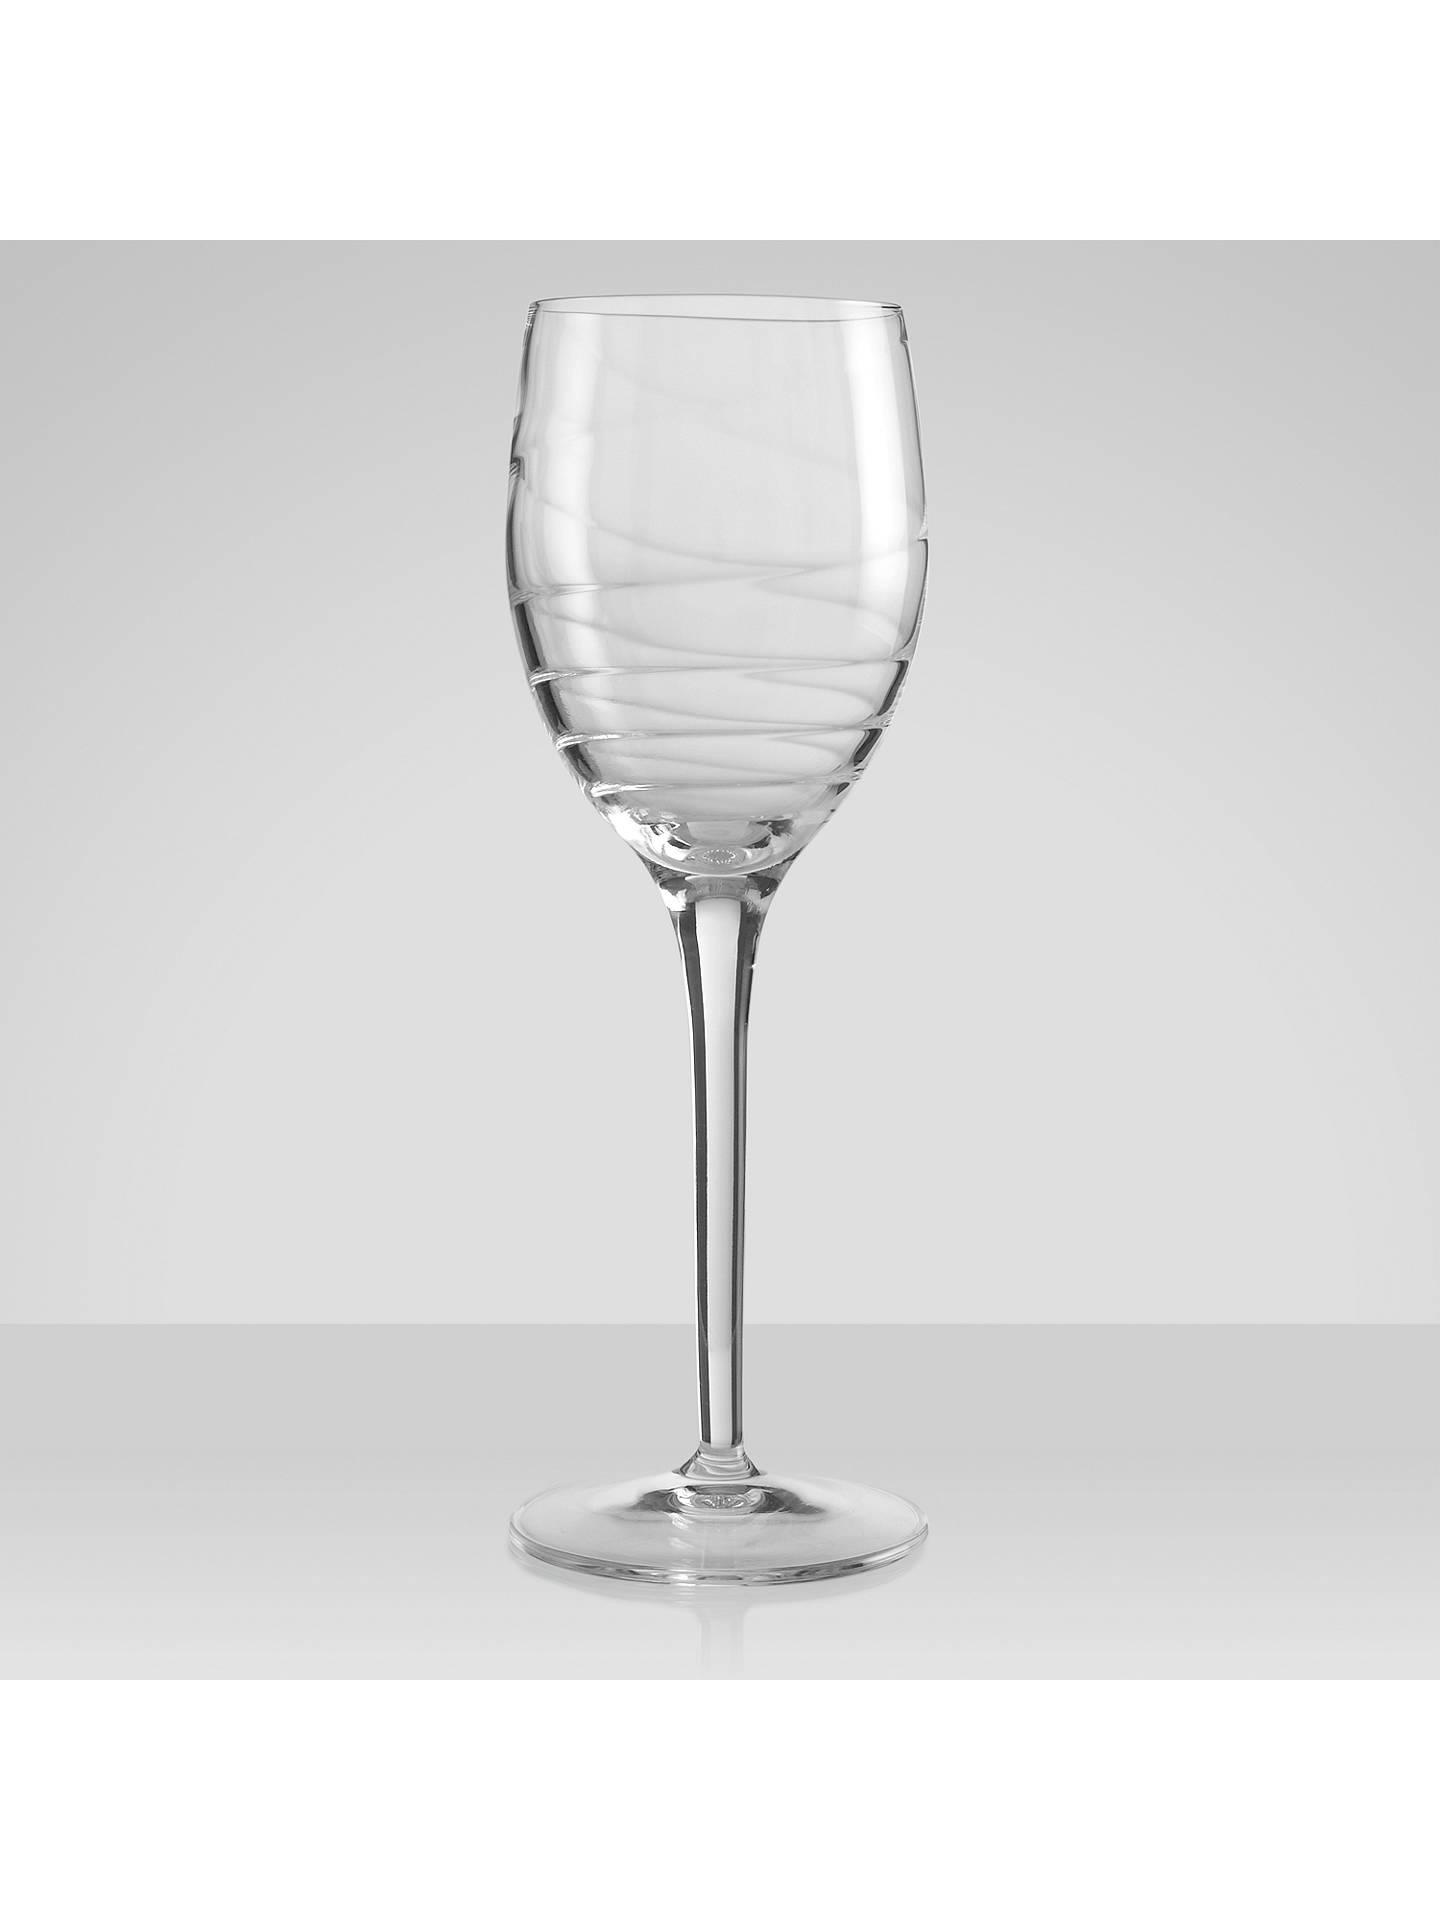 john lewis voluta wine glasses set of 4 at john. Black Bedroom Furniture Sets. Home Design Ideas